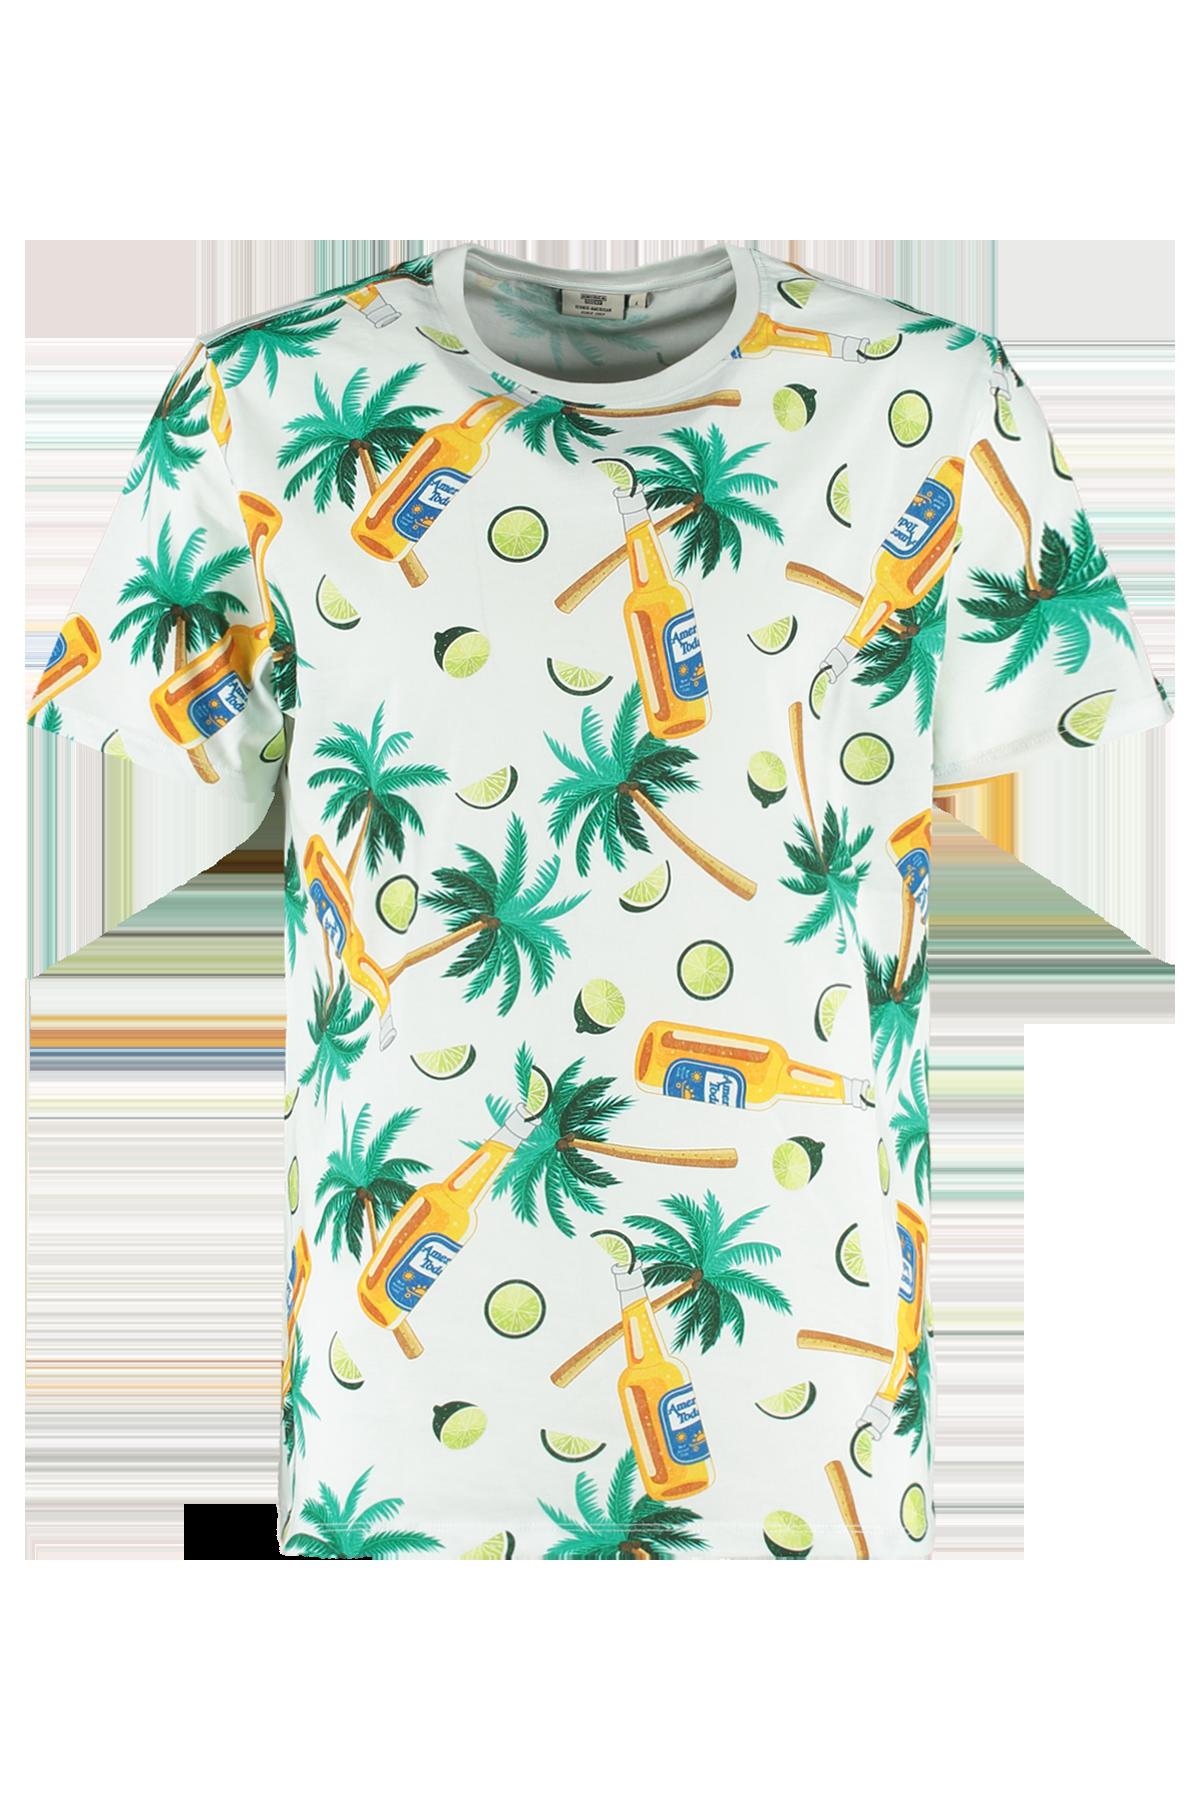 T-shirt Erwin bottle